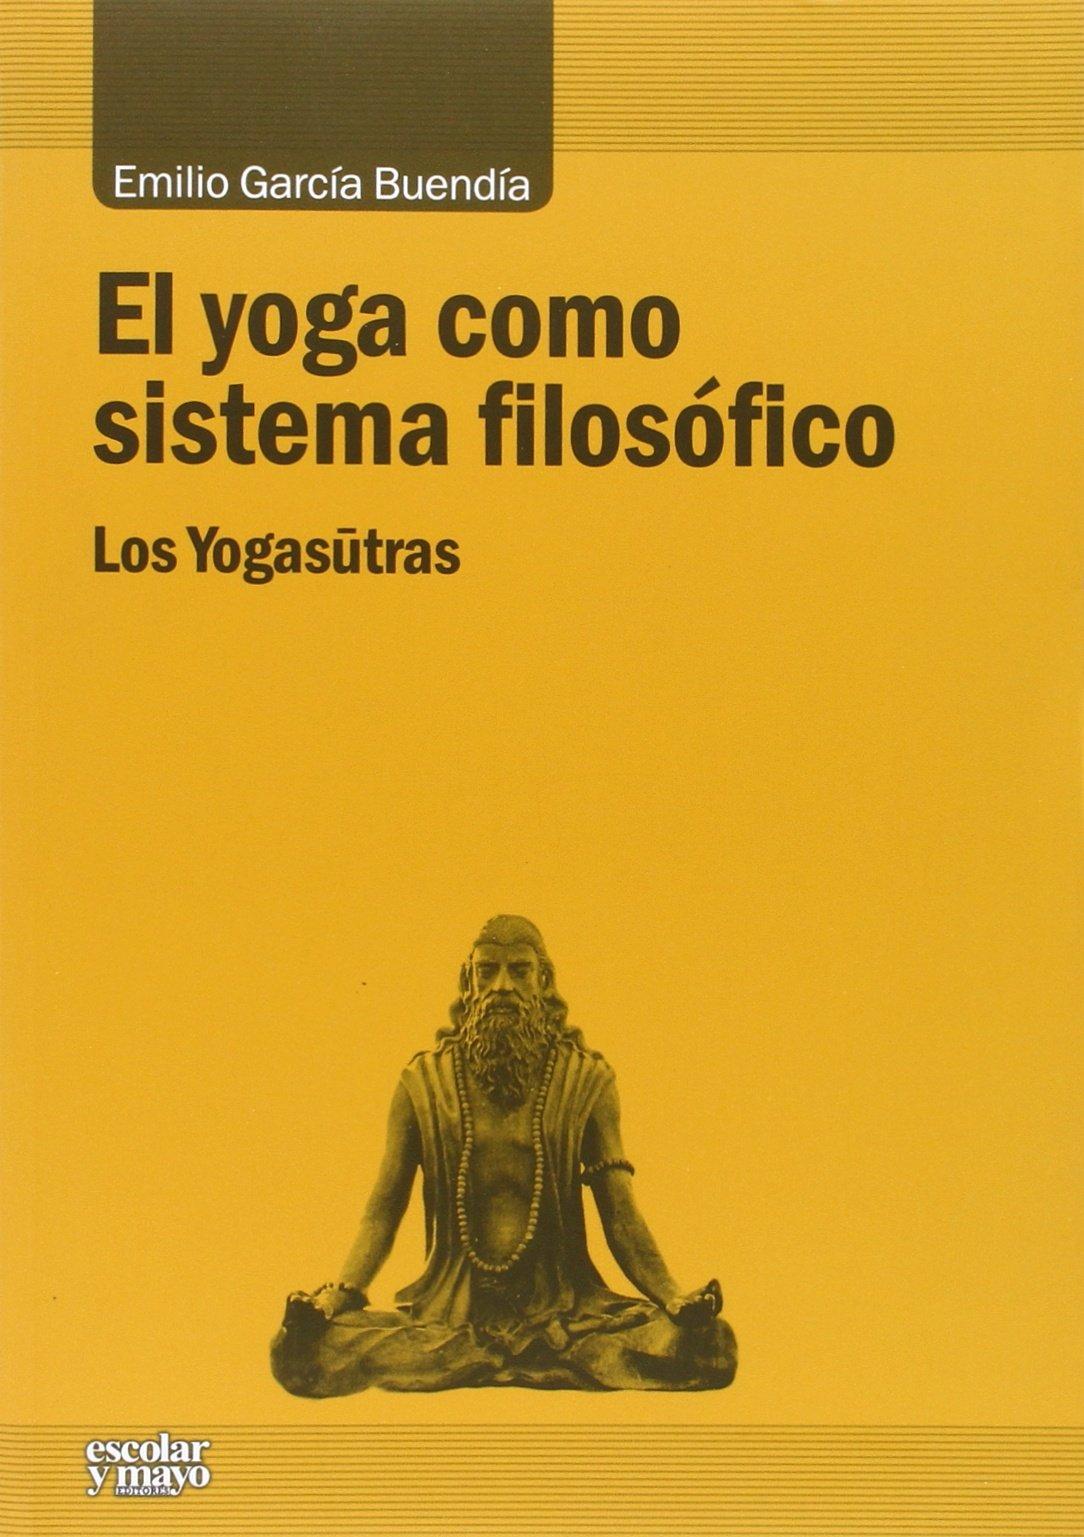 El yoga como sistema filos�fico: Emilio García Buendía ...